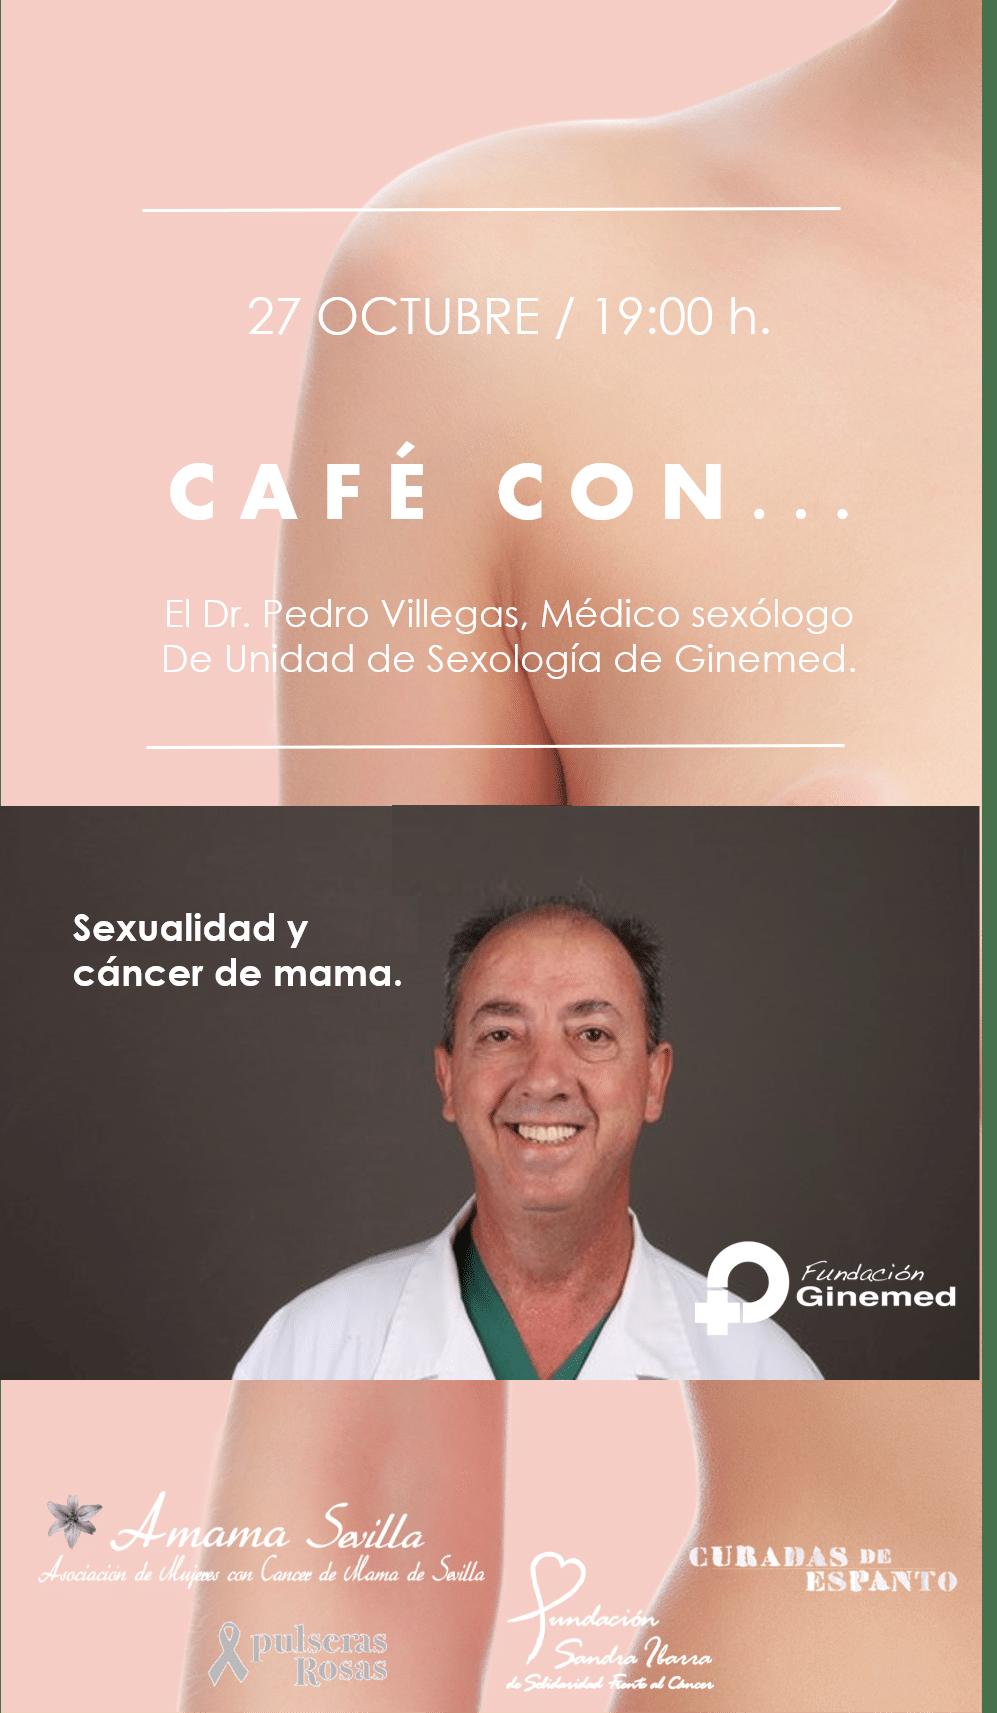 Café con Pedro Villegas. Médico Sexólogo Ginemed